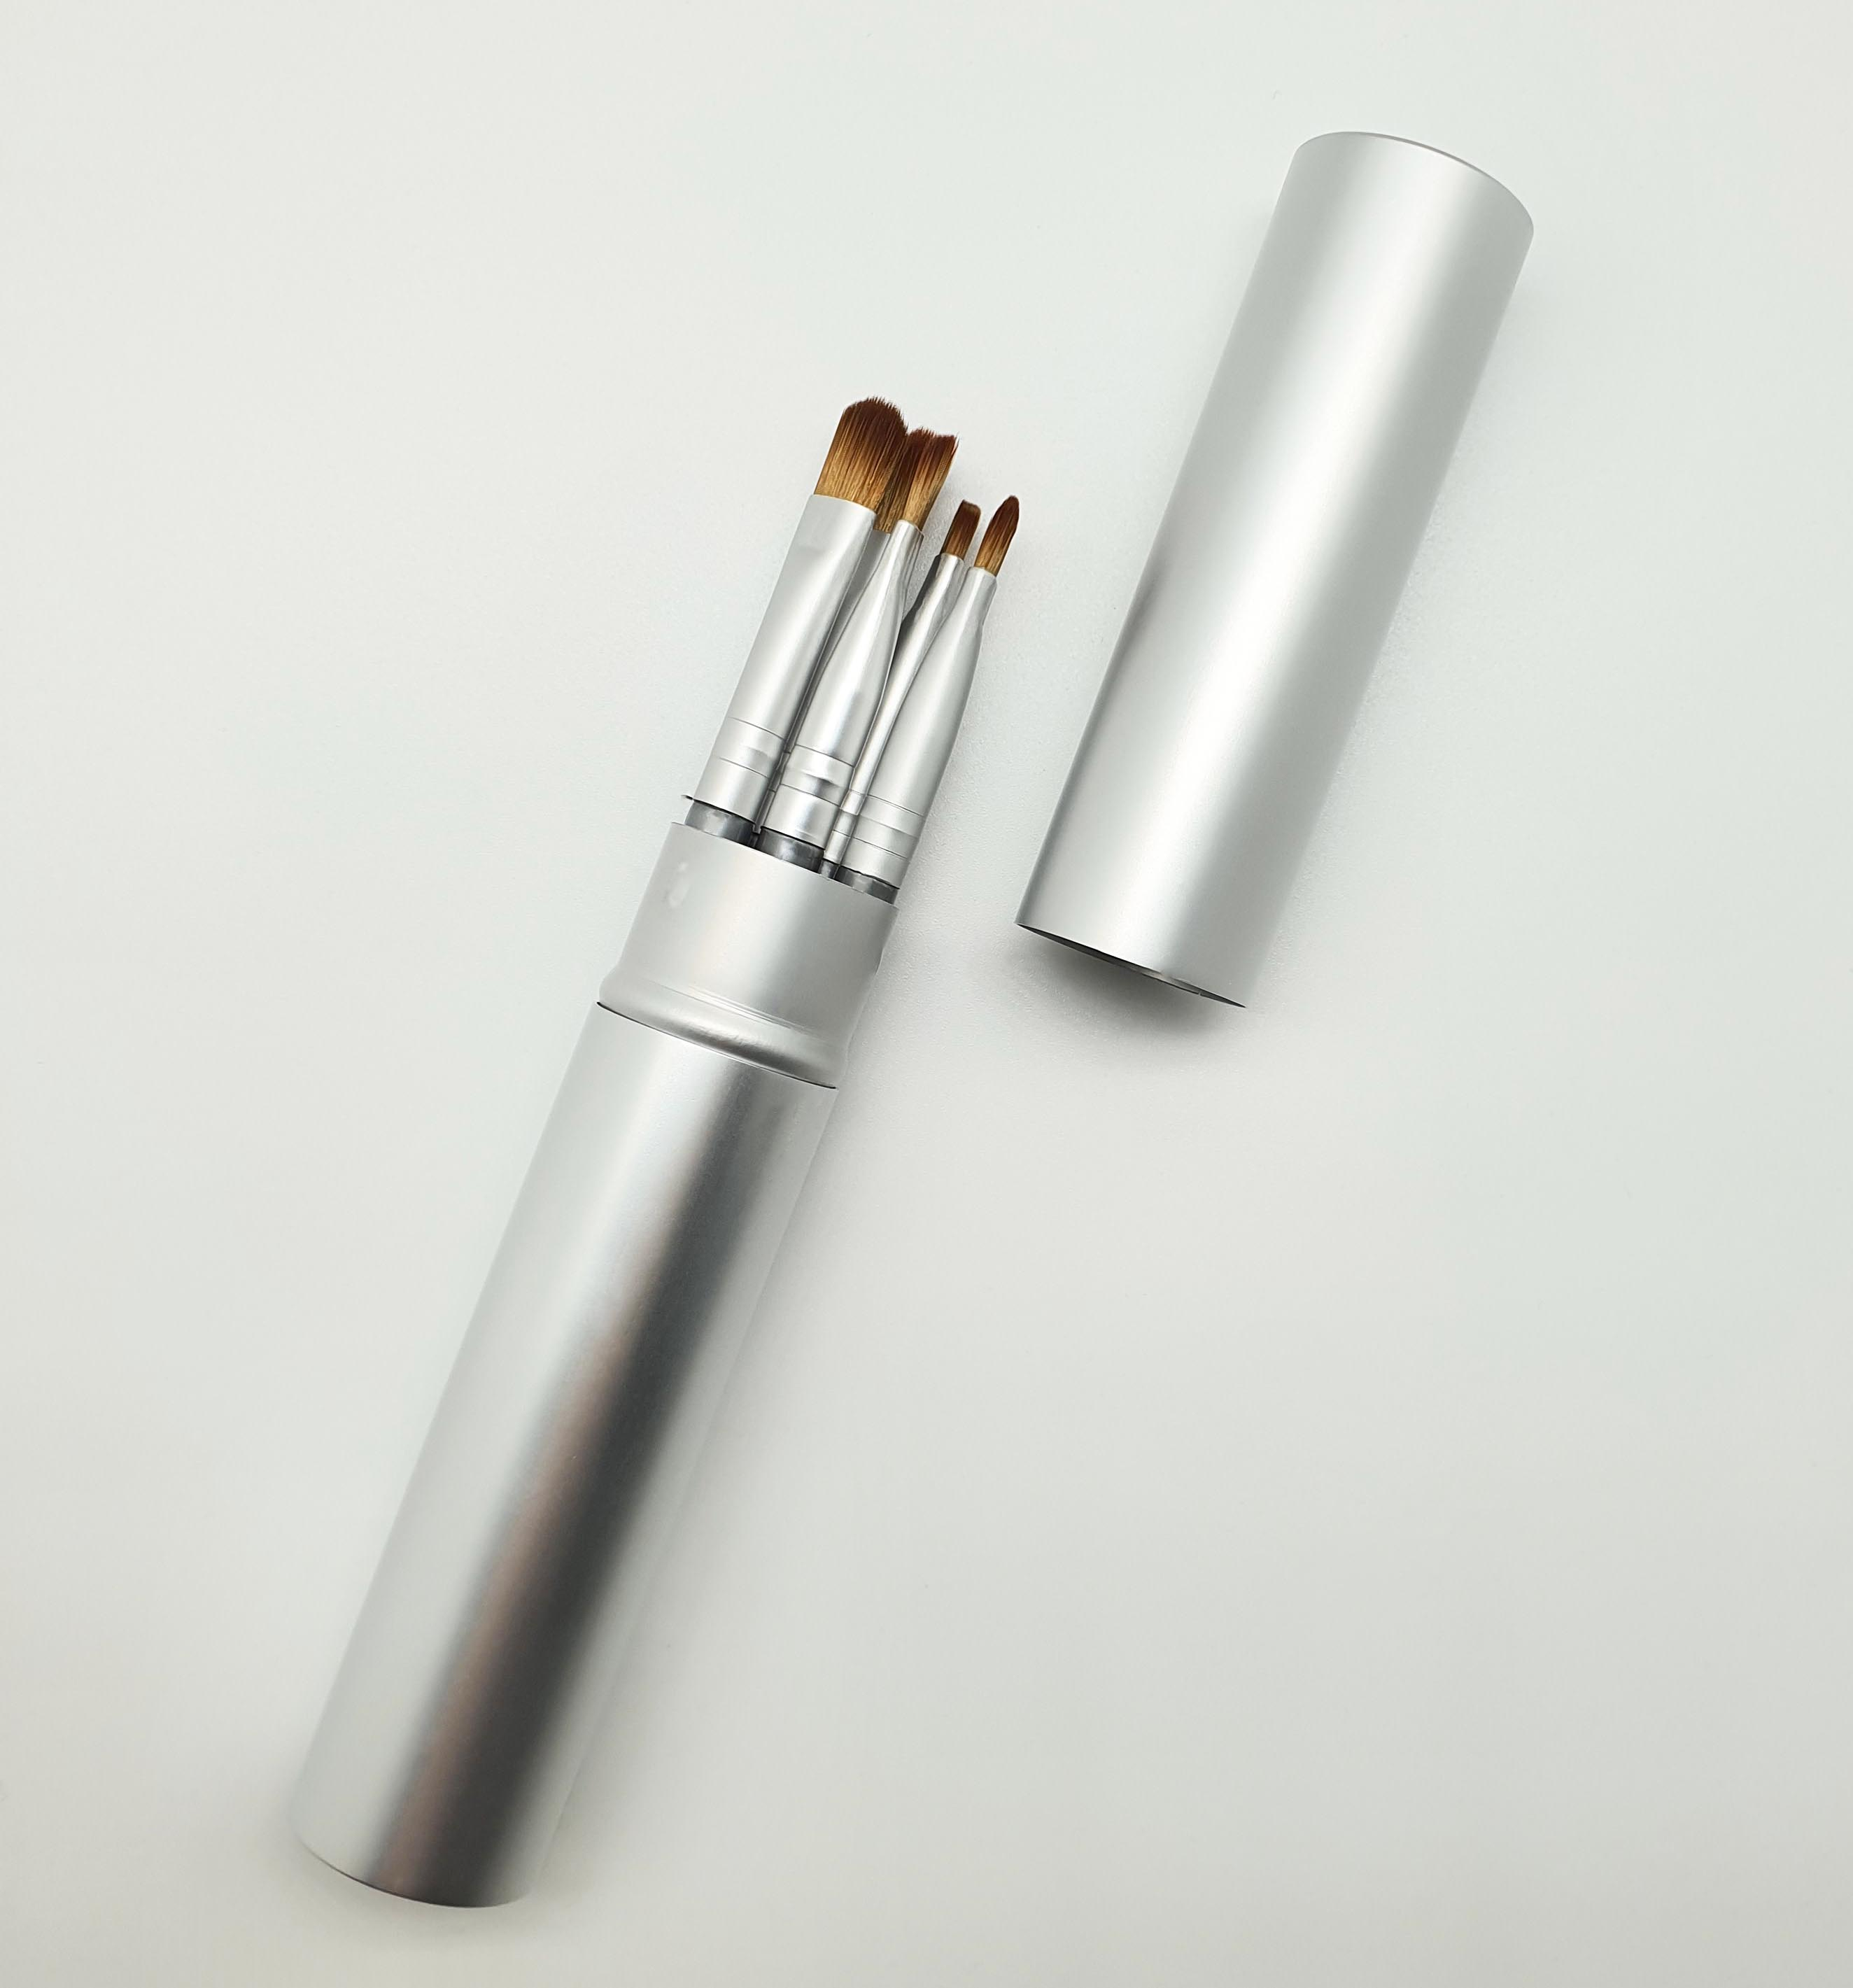 5 uds de sombra de ojos cepillo profesional herramienta de belleza de...